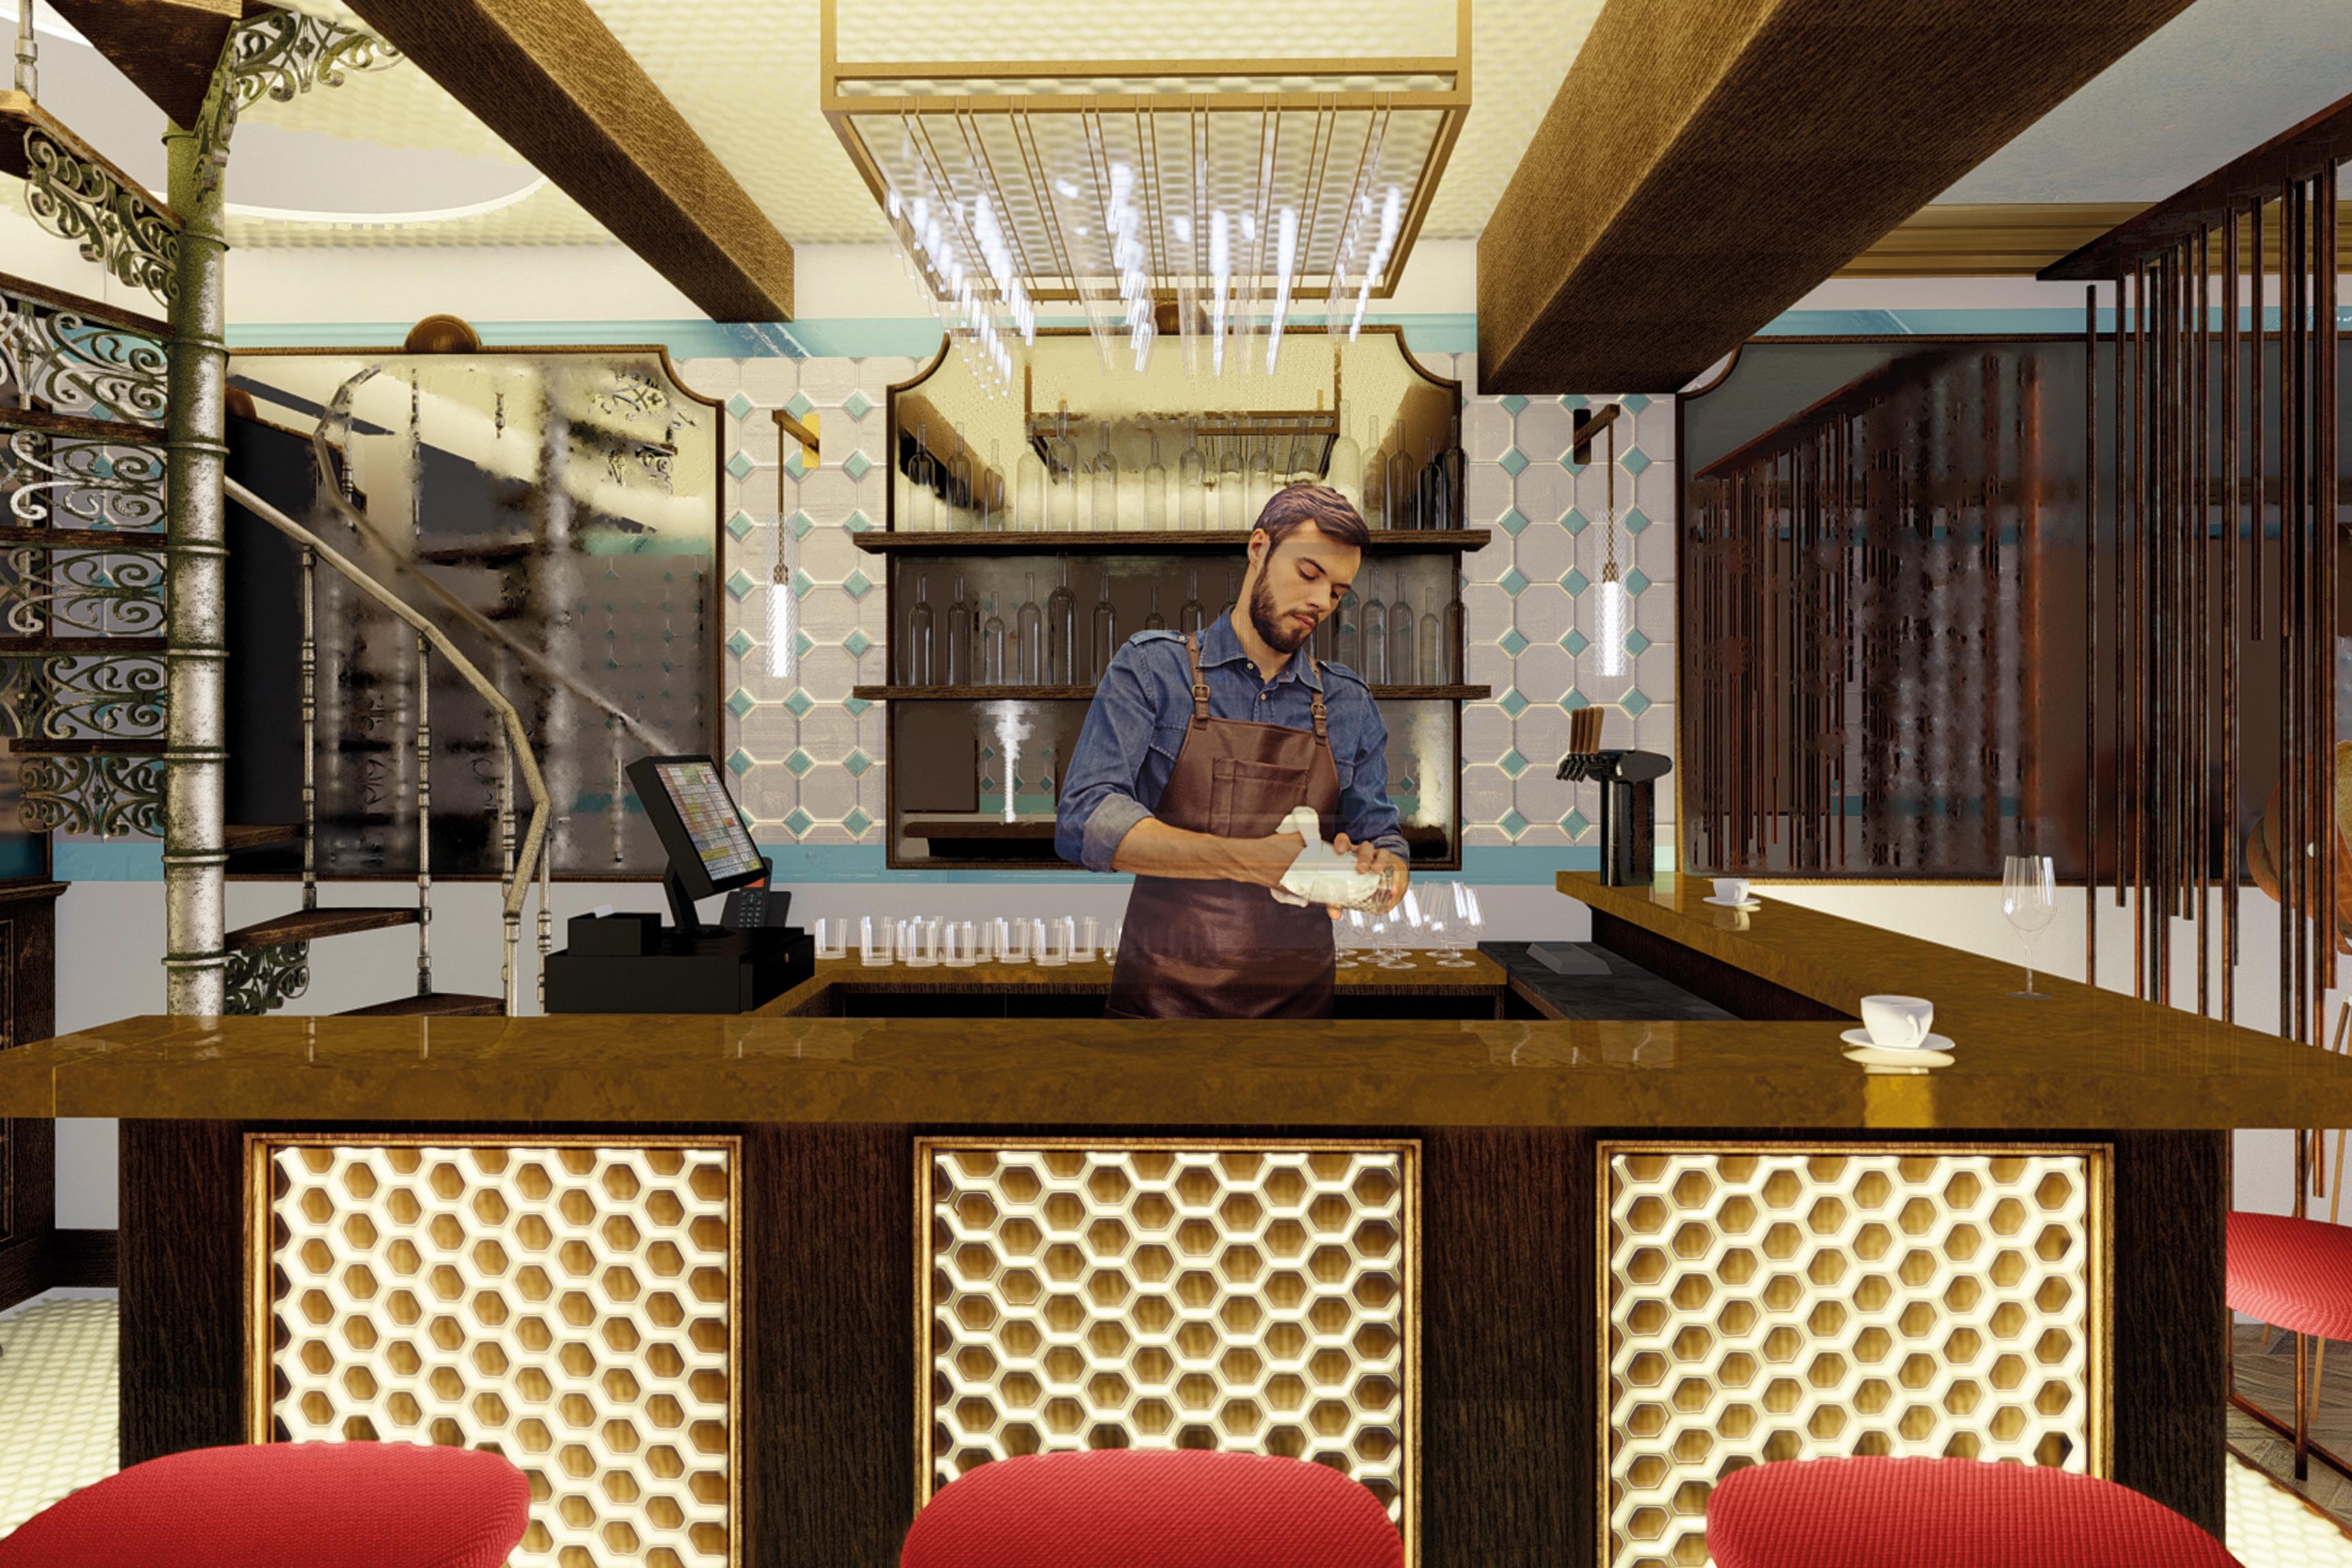 Architecture d'intérieur réinventée, modernisation d'un restaurant parisien. Ancien-moderne, contraste ancien-moderne, réinvention d'intérieur, modernisation d'intérieur, transformer l'ancien, contraste ancien-moderne, style parisien revisité, architecture modernisée